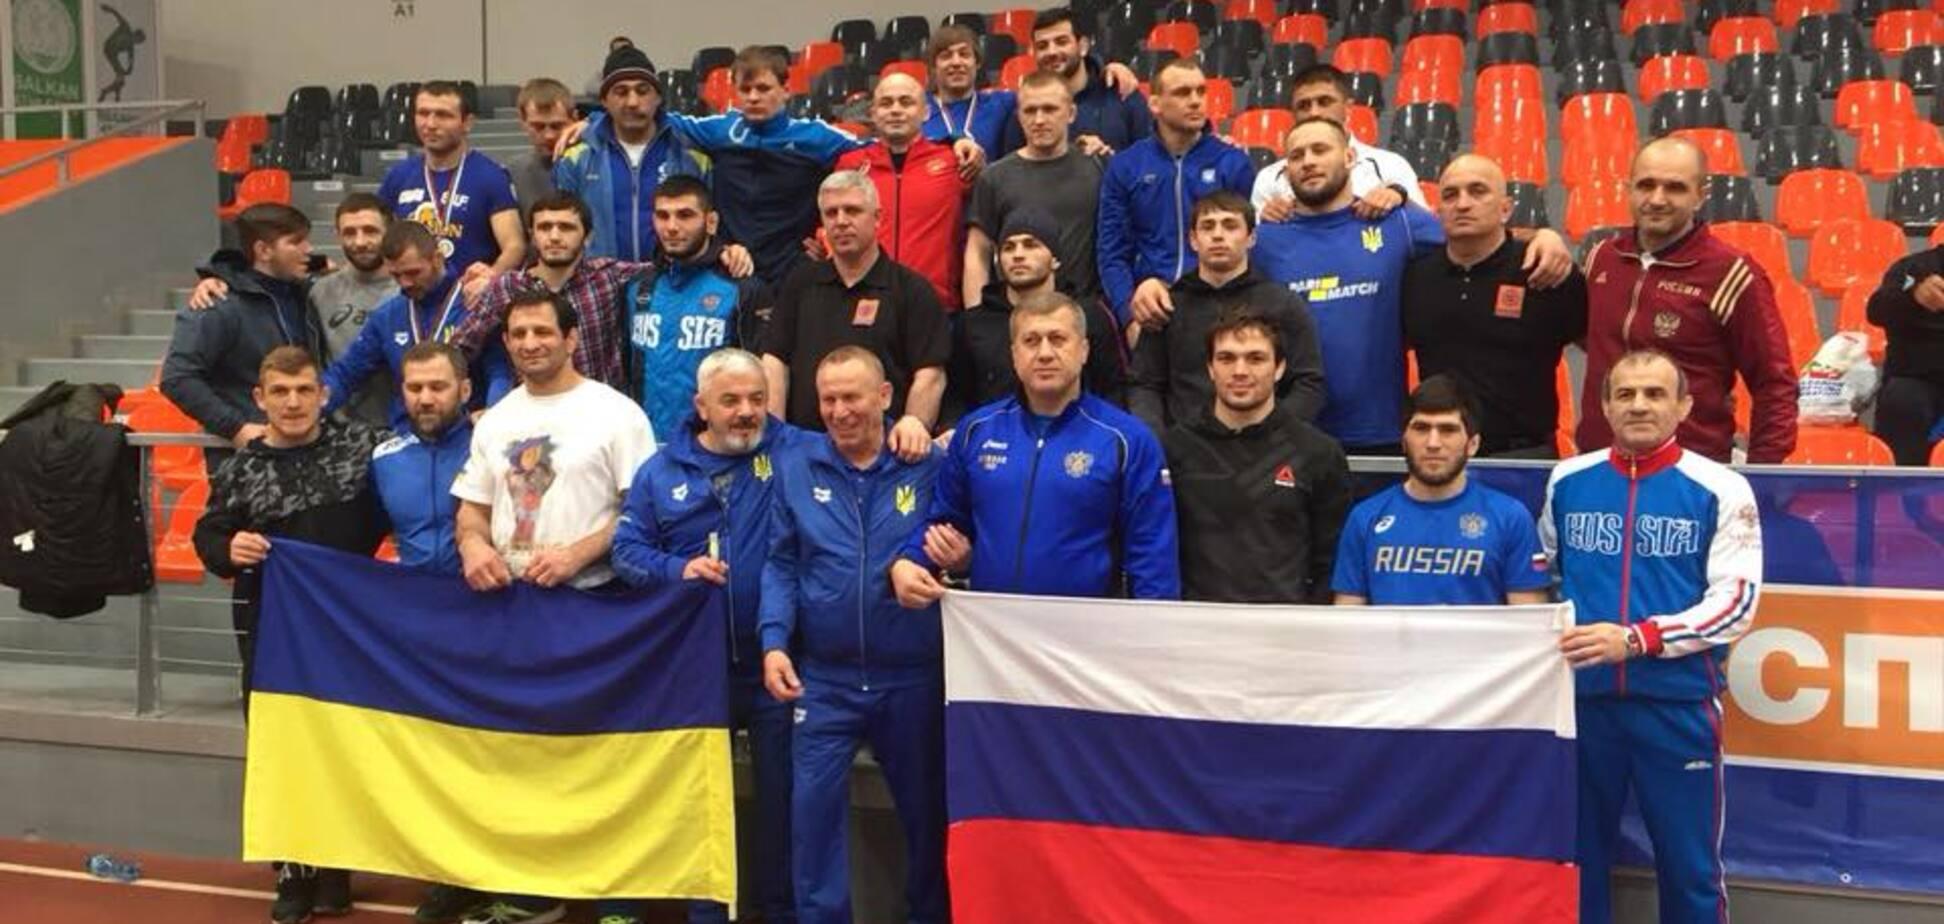 Російських борців спіймали на лицемірстві після фото з українцями